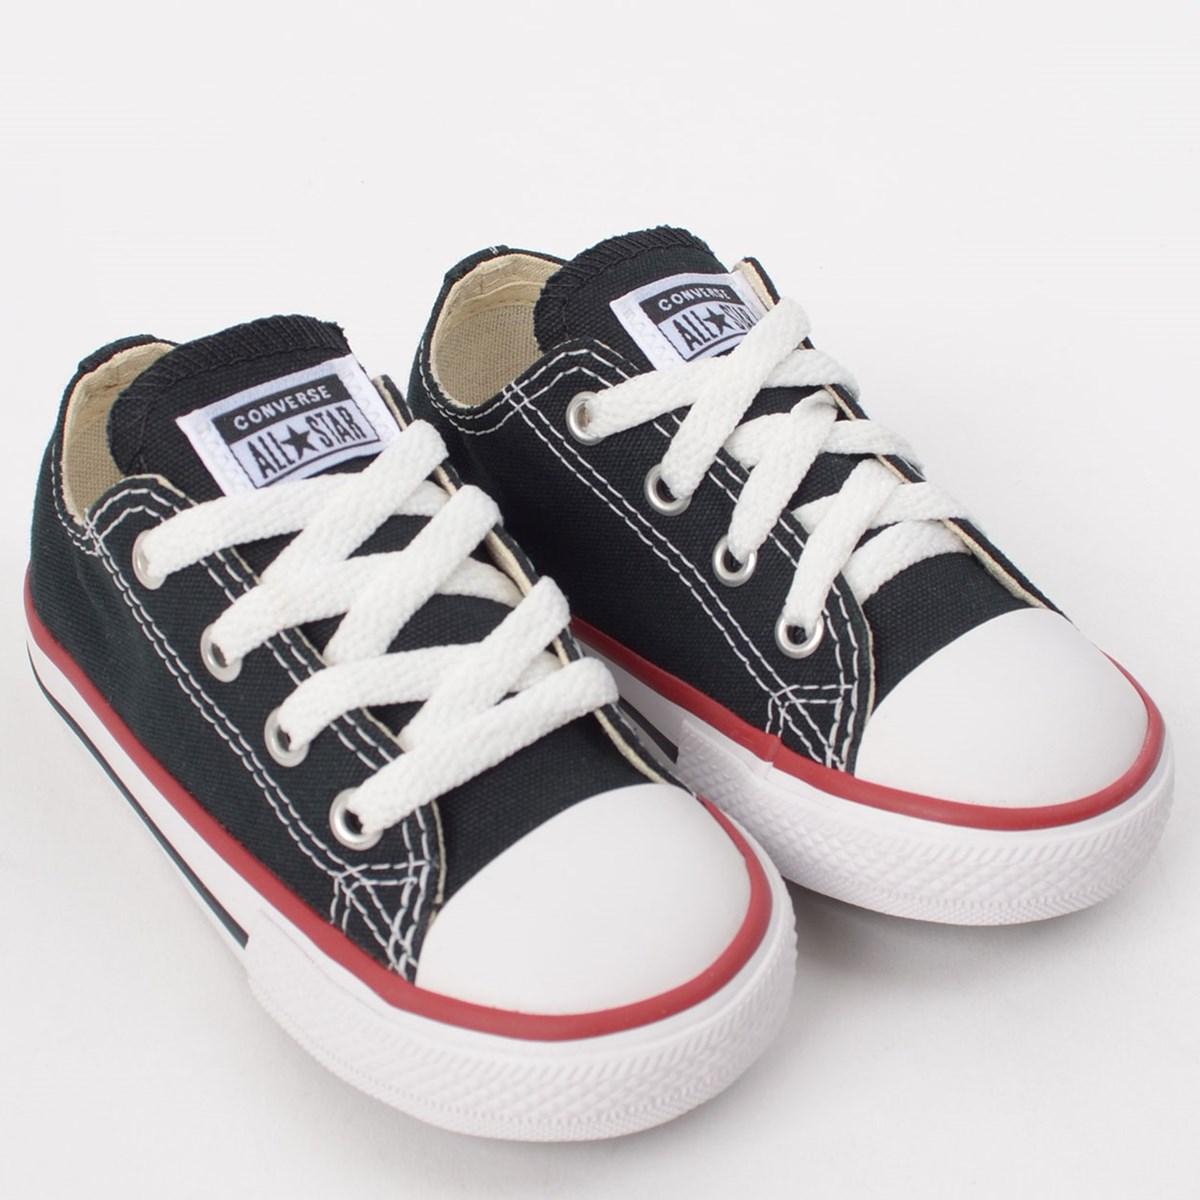 Tênis Converse Chuck Taylor All Star Kids Ox Preto Vermelho CK00010007